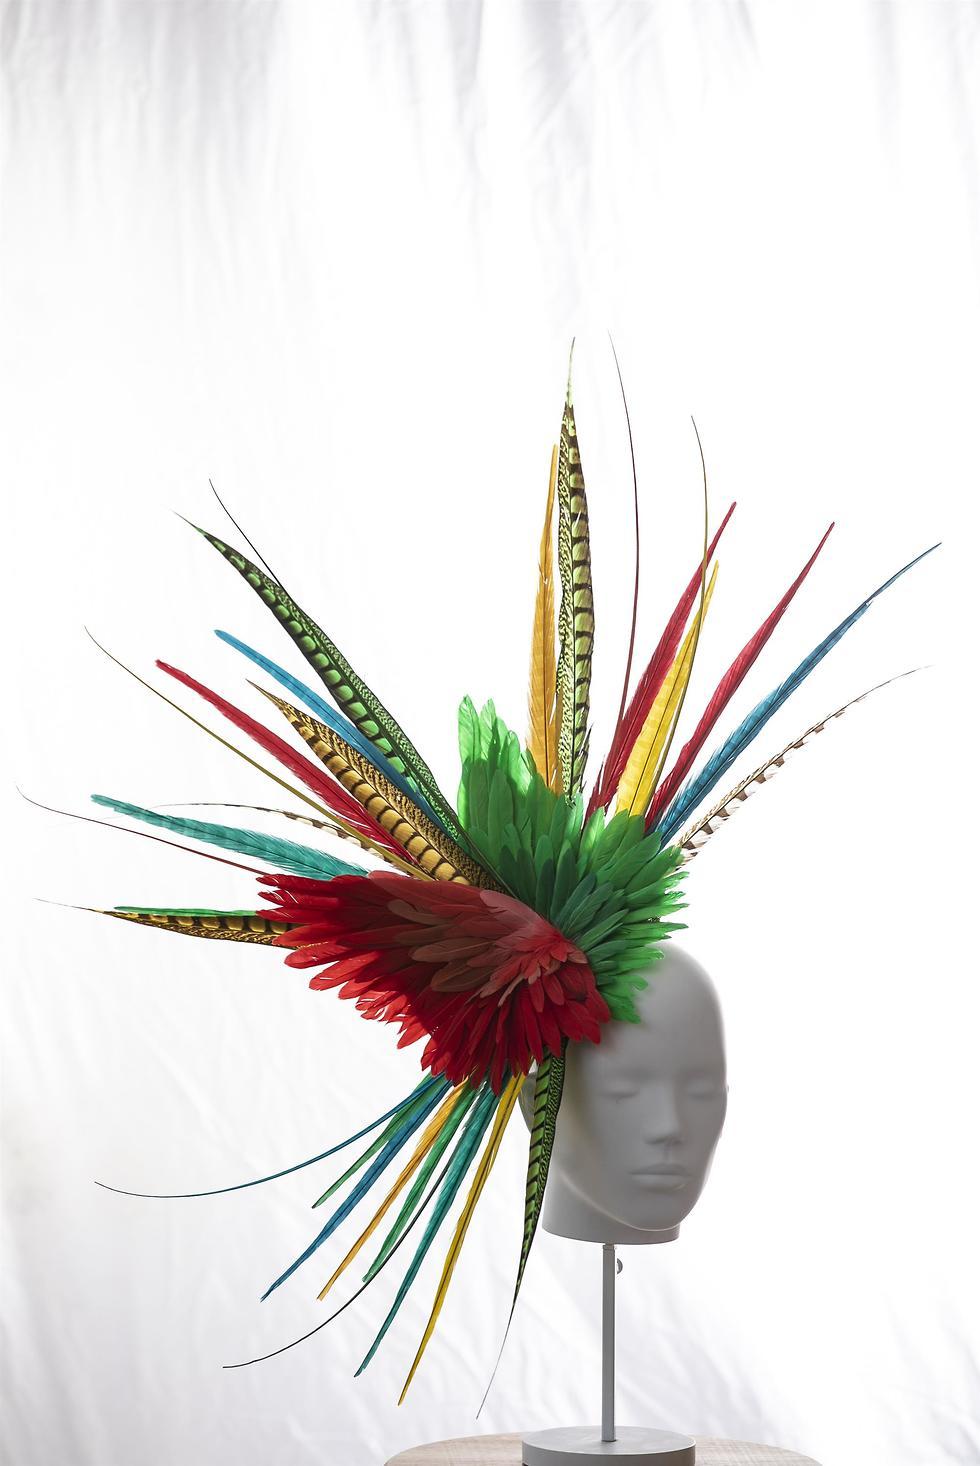 תערוכת כובעים בהשראת האירוויזיון (צילום: לנס הפקות)